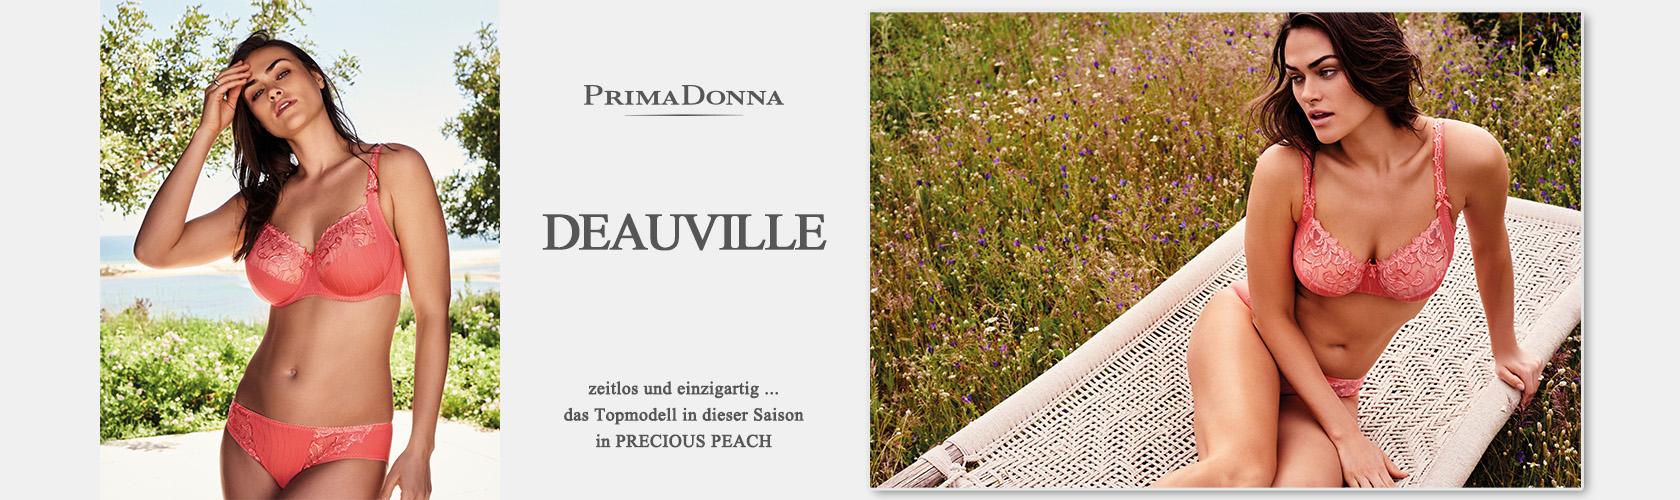 Slideshow DEAUVILLE PCP 01.02.